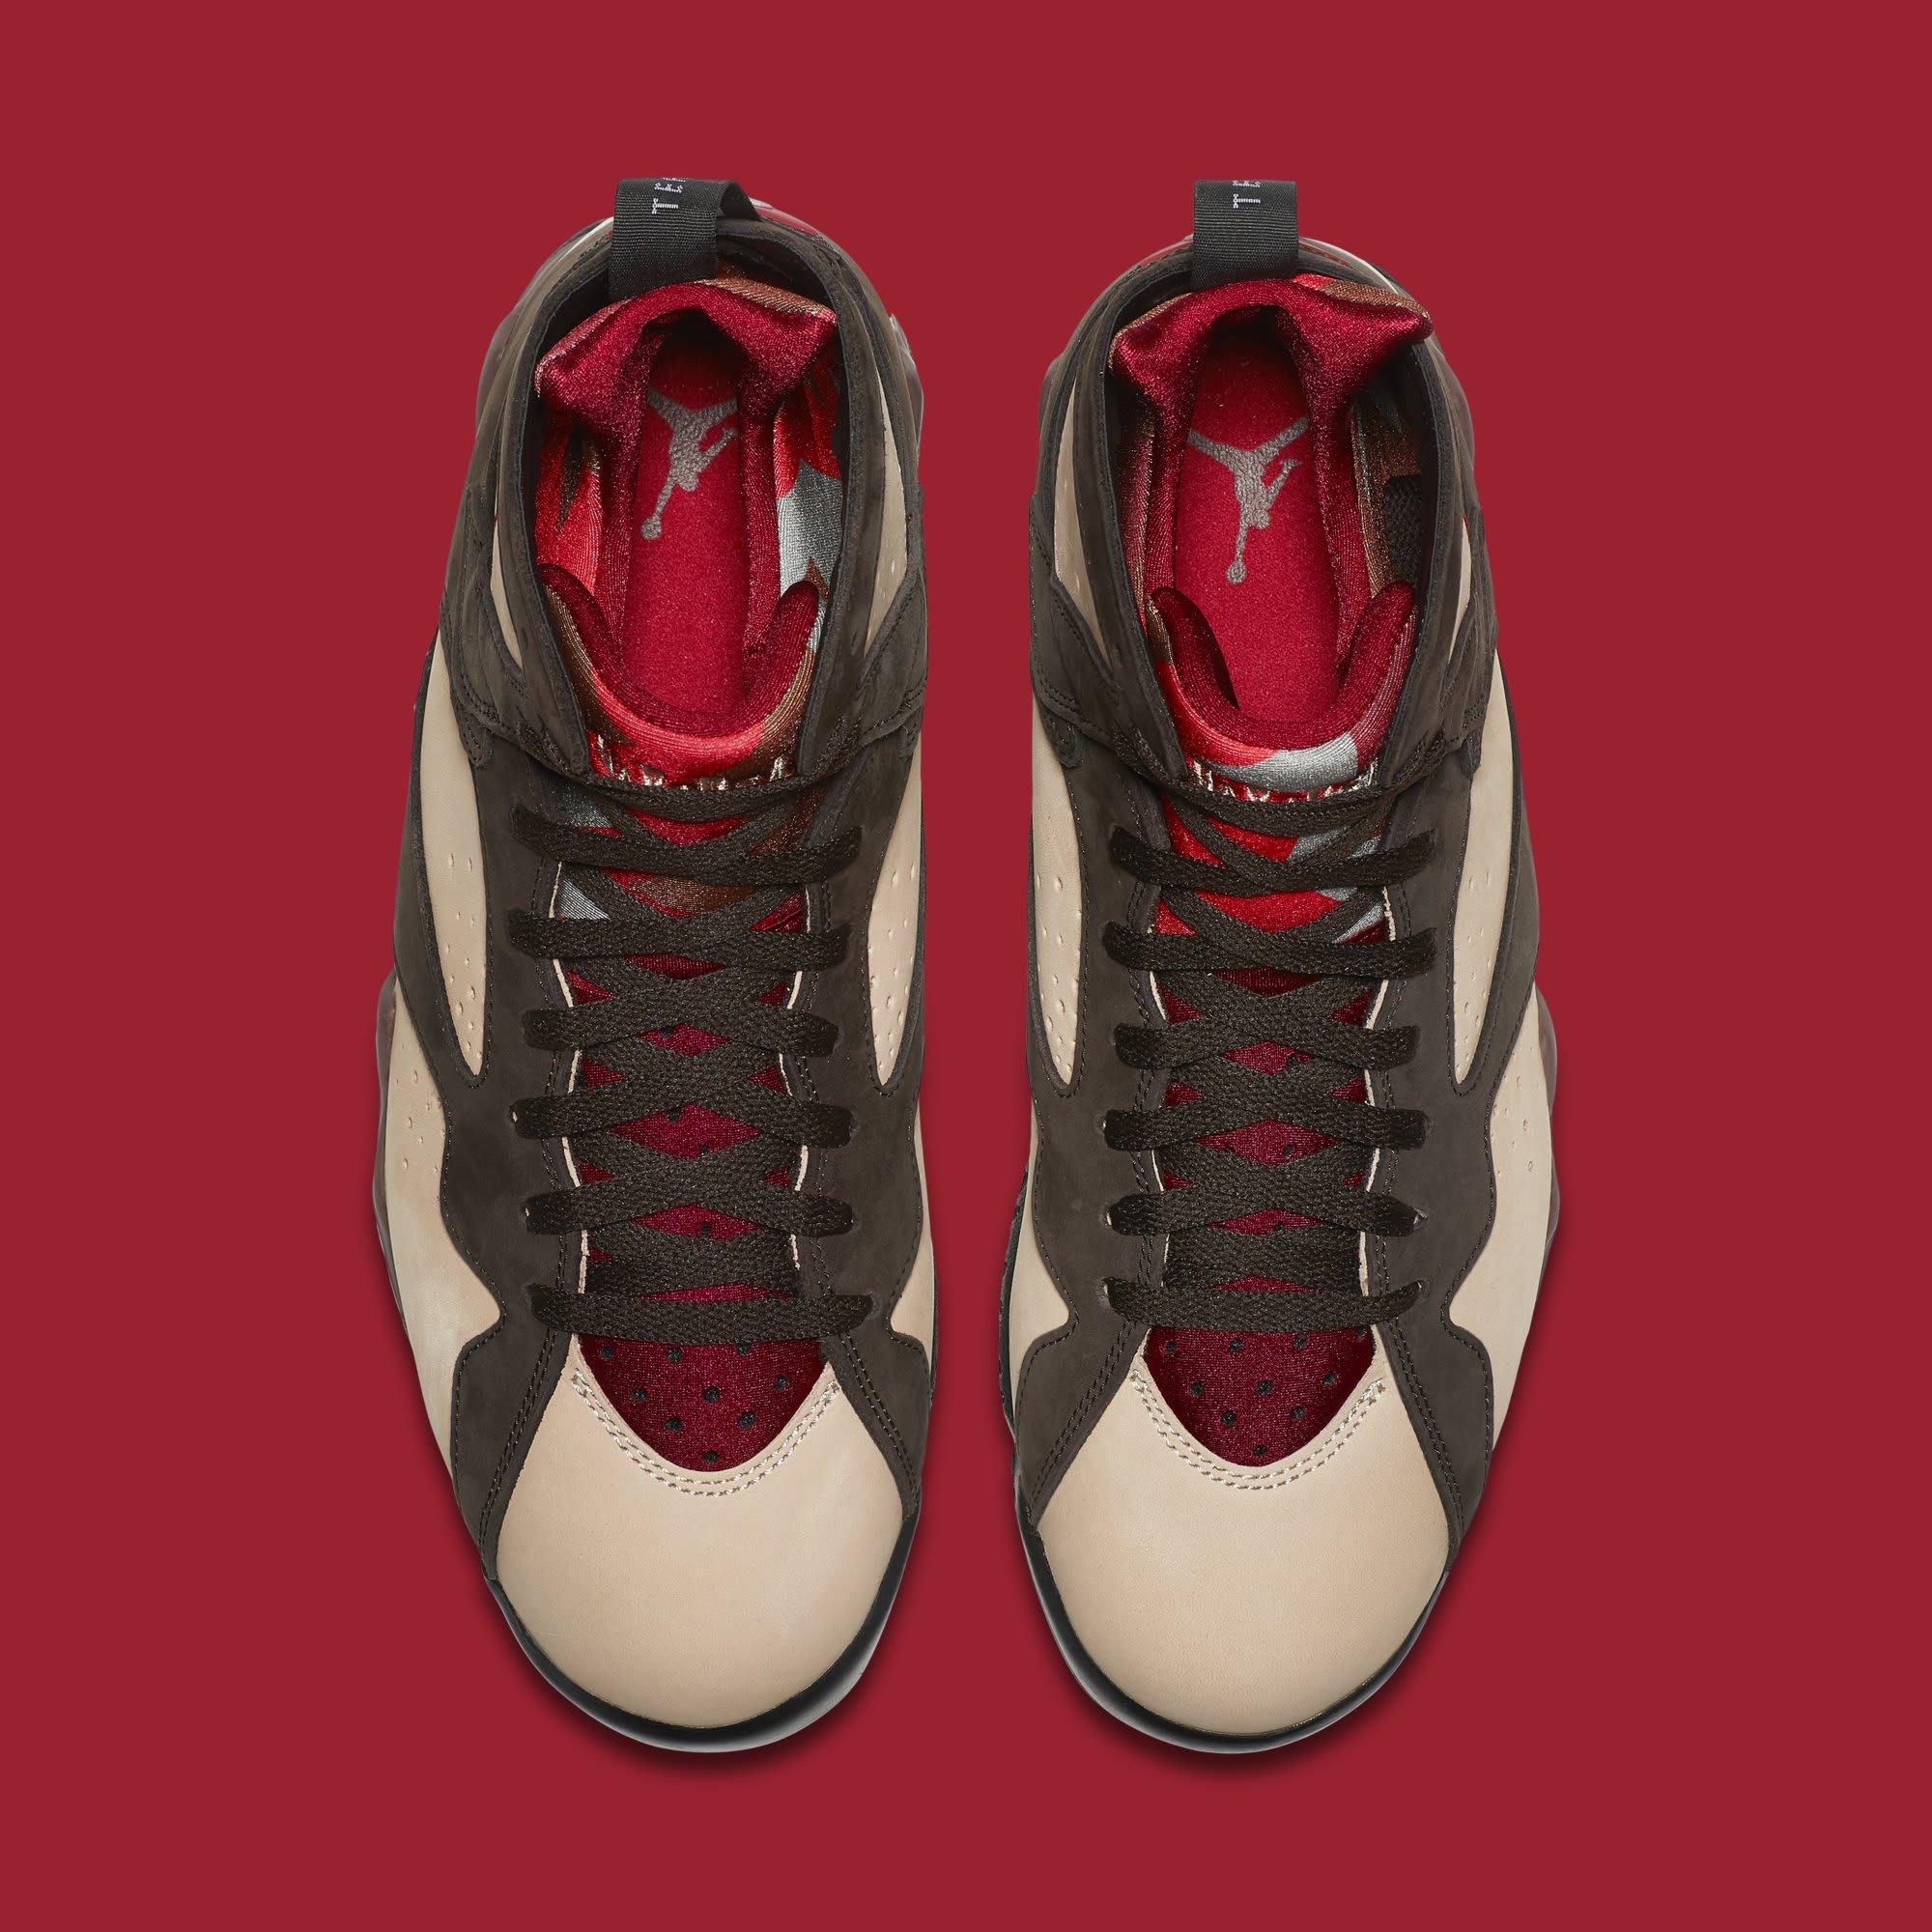 Patta x Air Jordan 7 AT3375-200 (Top)